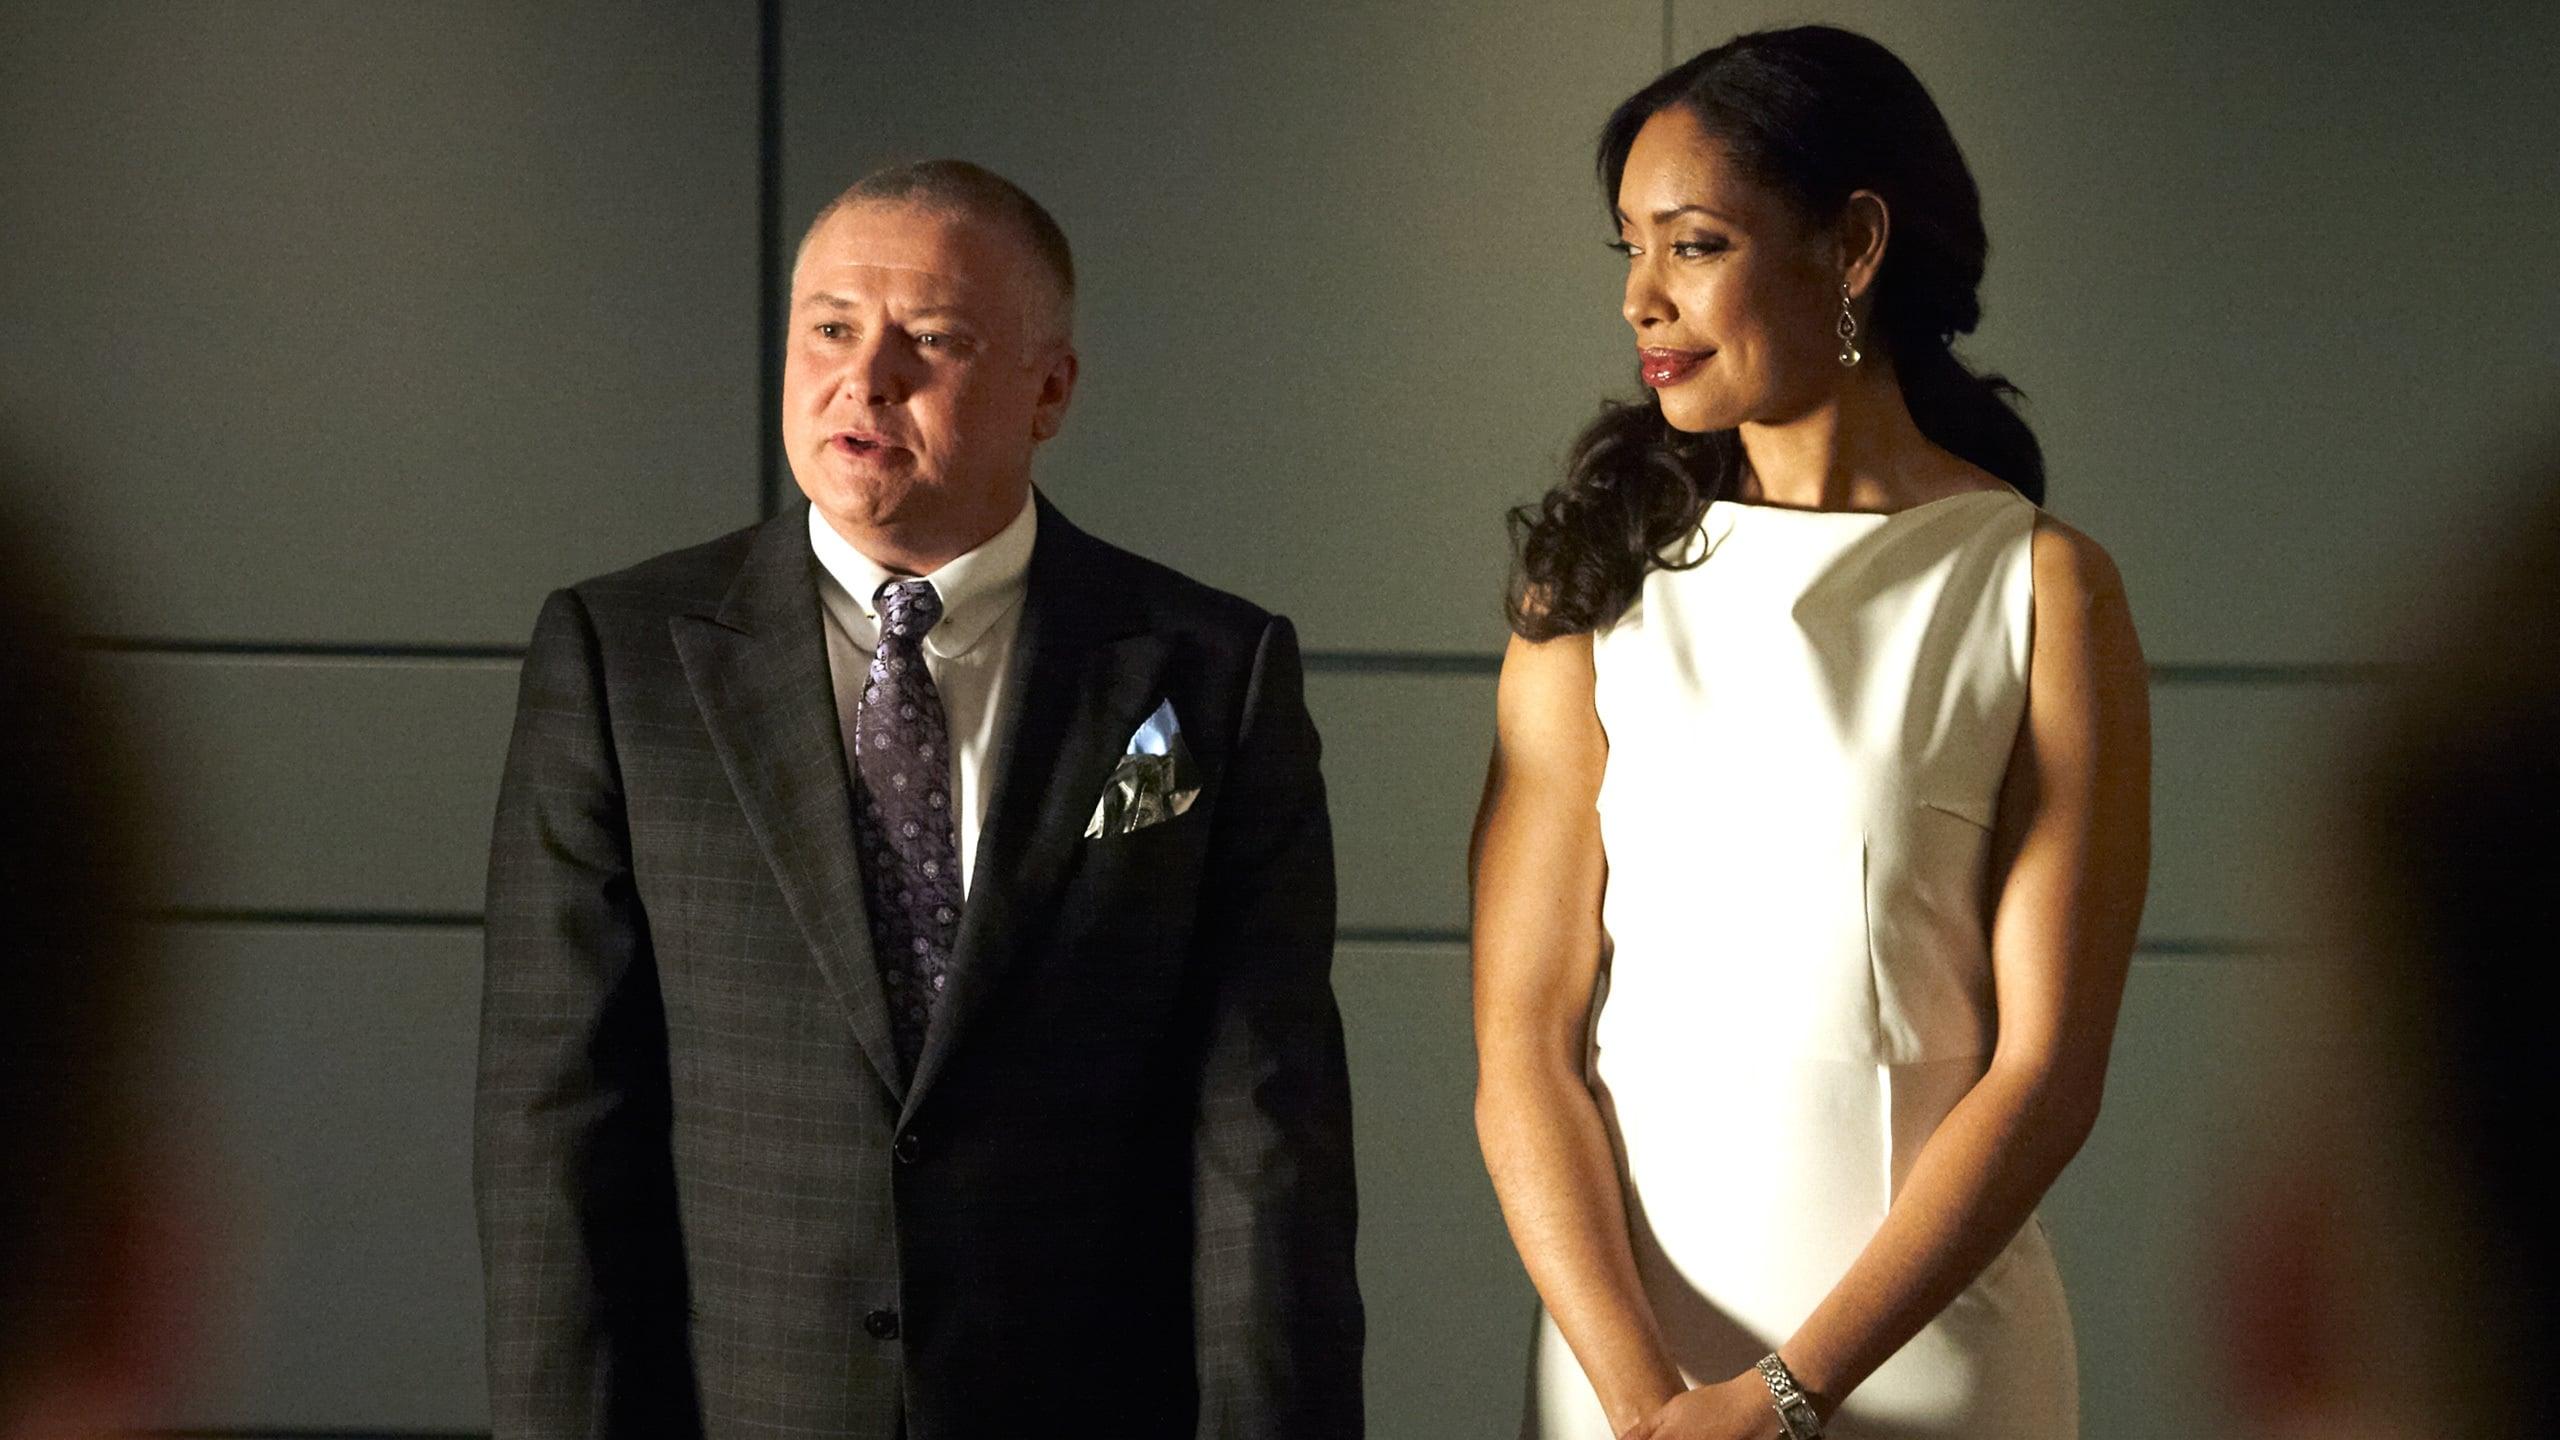 Suits - Season 3 Episode 1 : The Arrangement